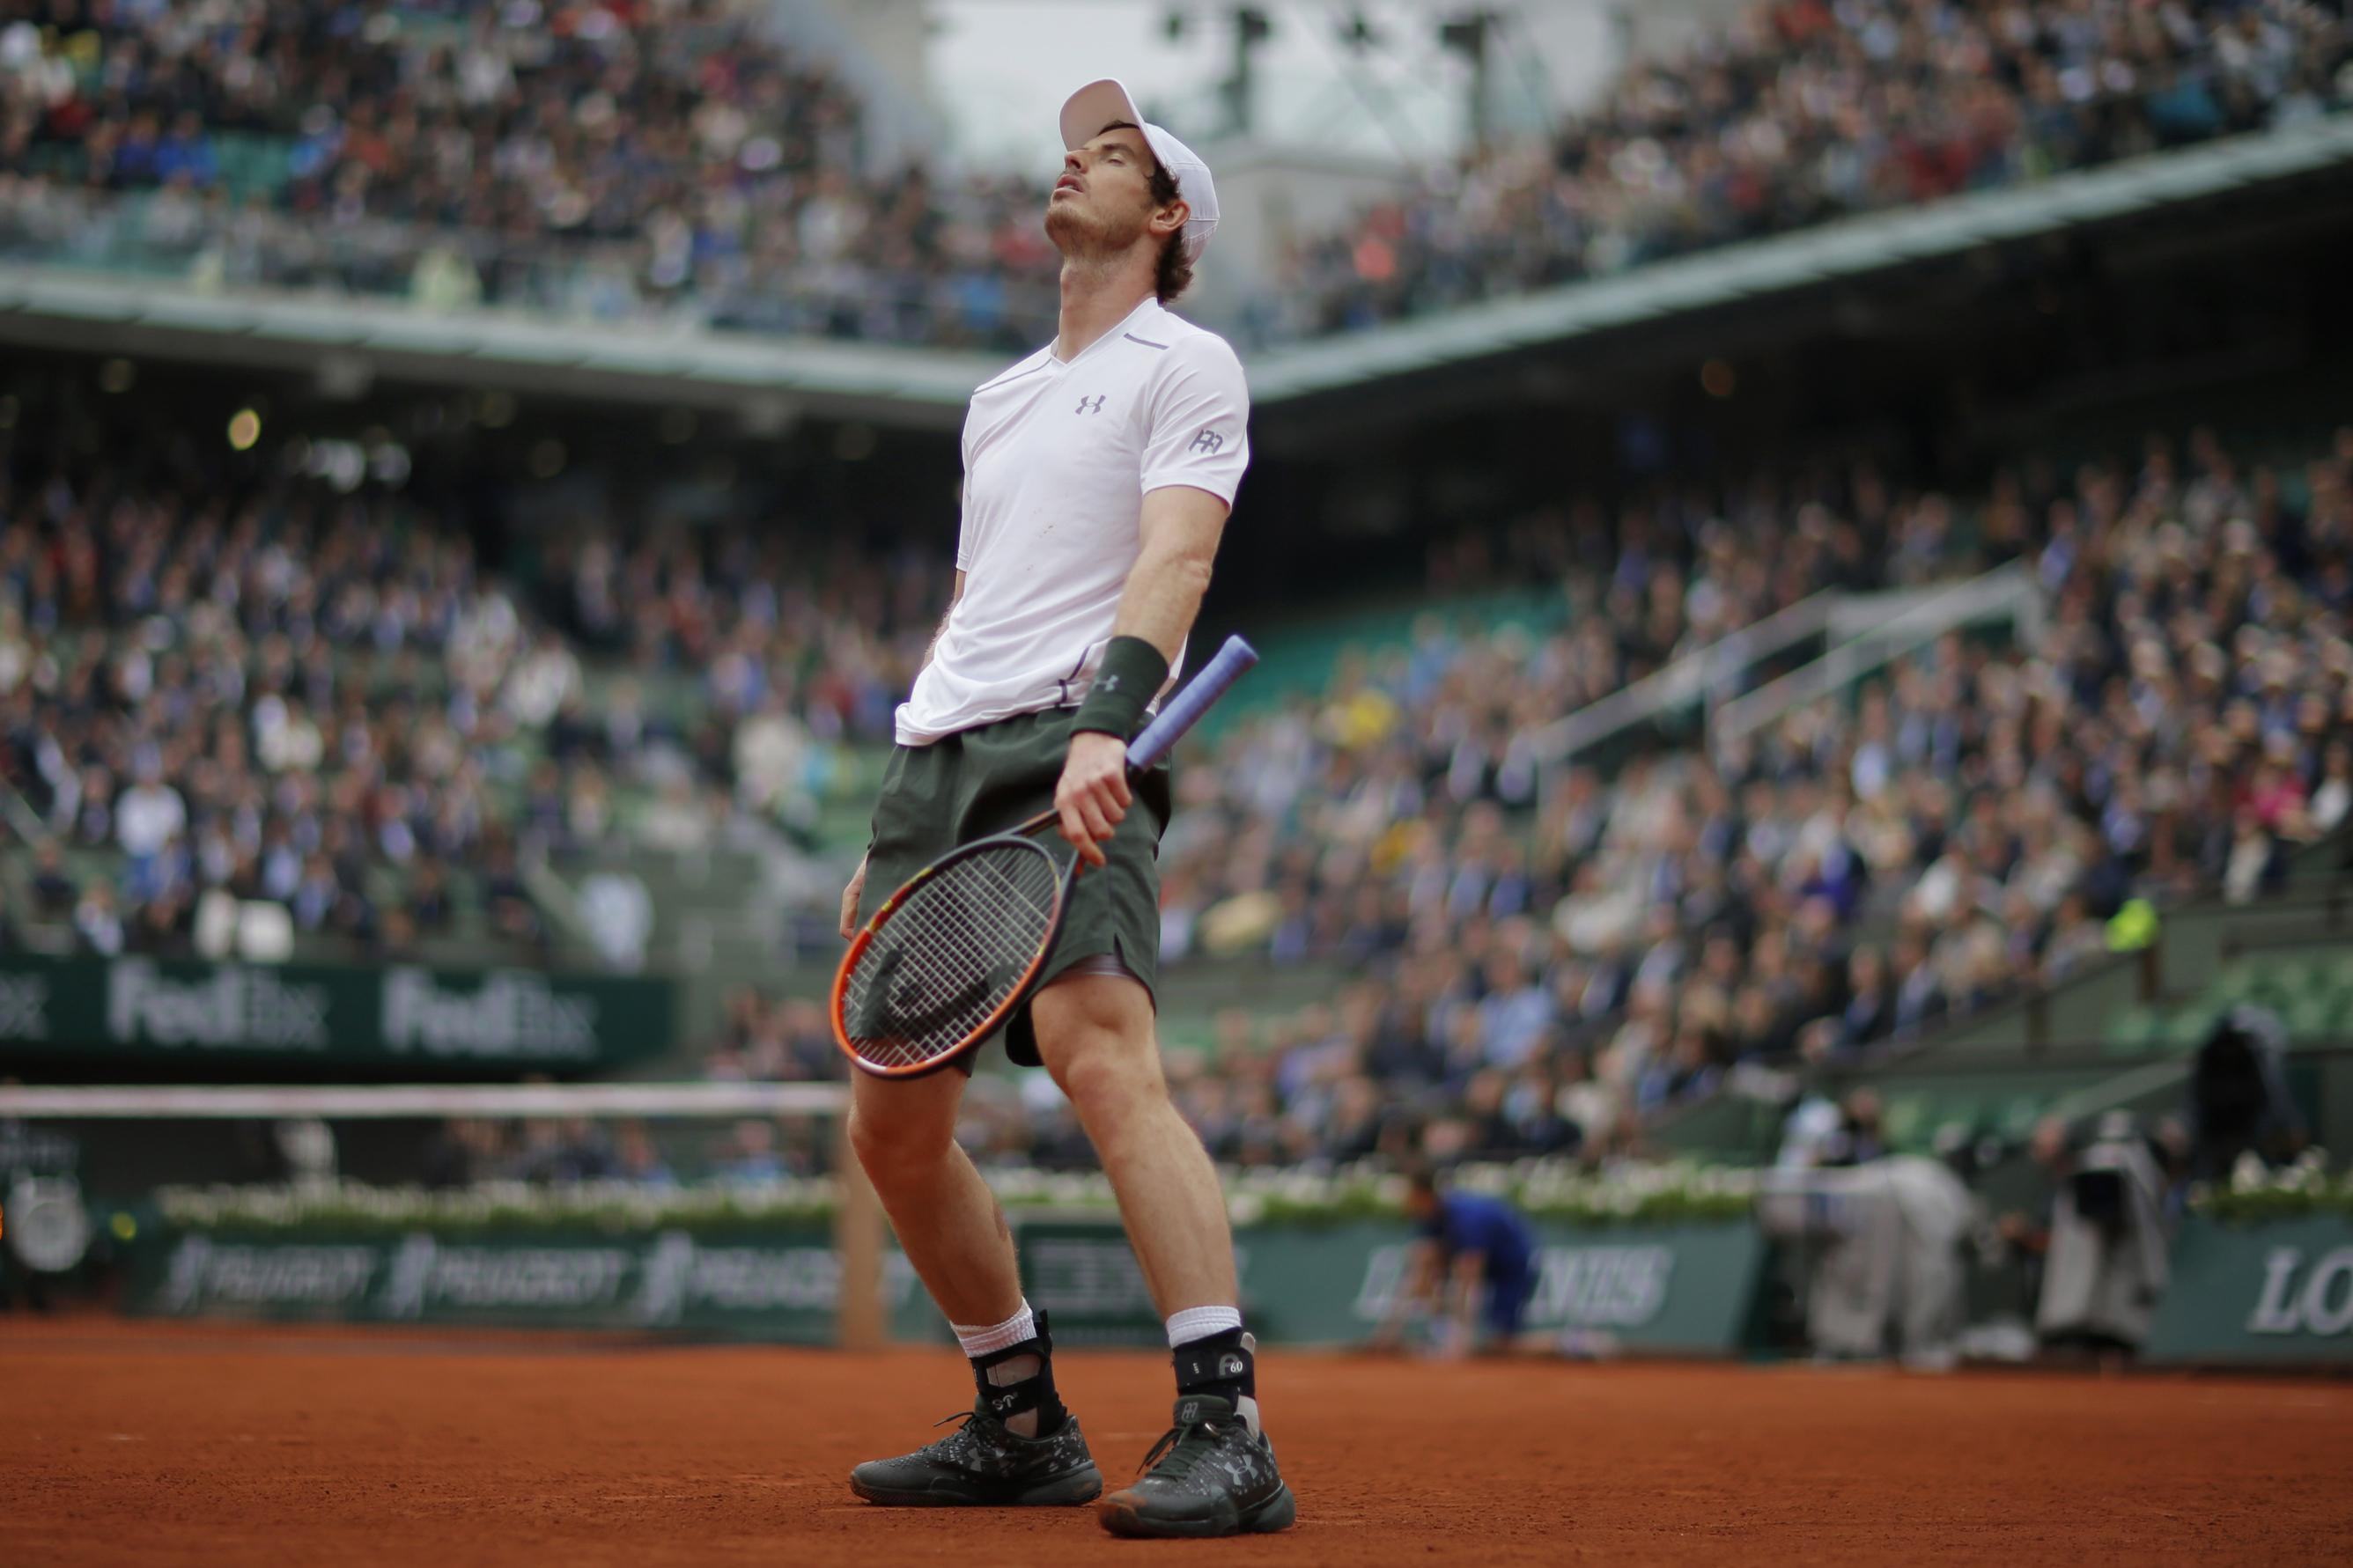 PARIS: Briten Andy Murray er sjelden en gladgutt på tennisbanen, men fortsetter likevel å vinne i French Open i Paris. Onsdag slo han ut franske Richard Gasquet i kvartfinalen. FOTO: Gonzalo Fuentes / NTB scanpix